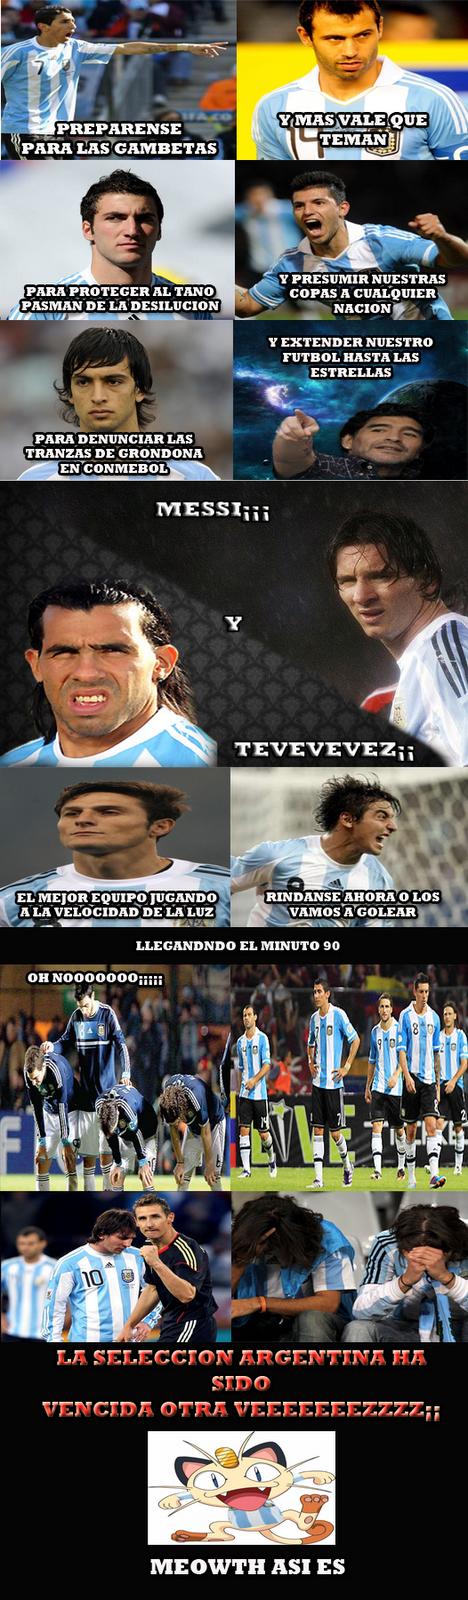 Cuando Argentina saco a mexico del mundial 2010